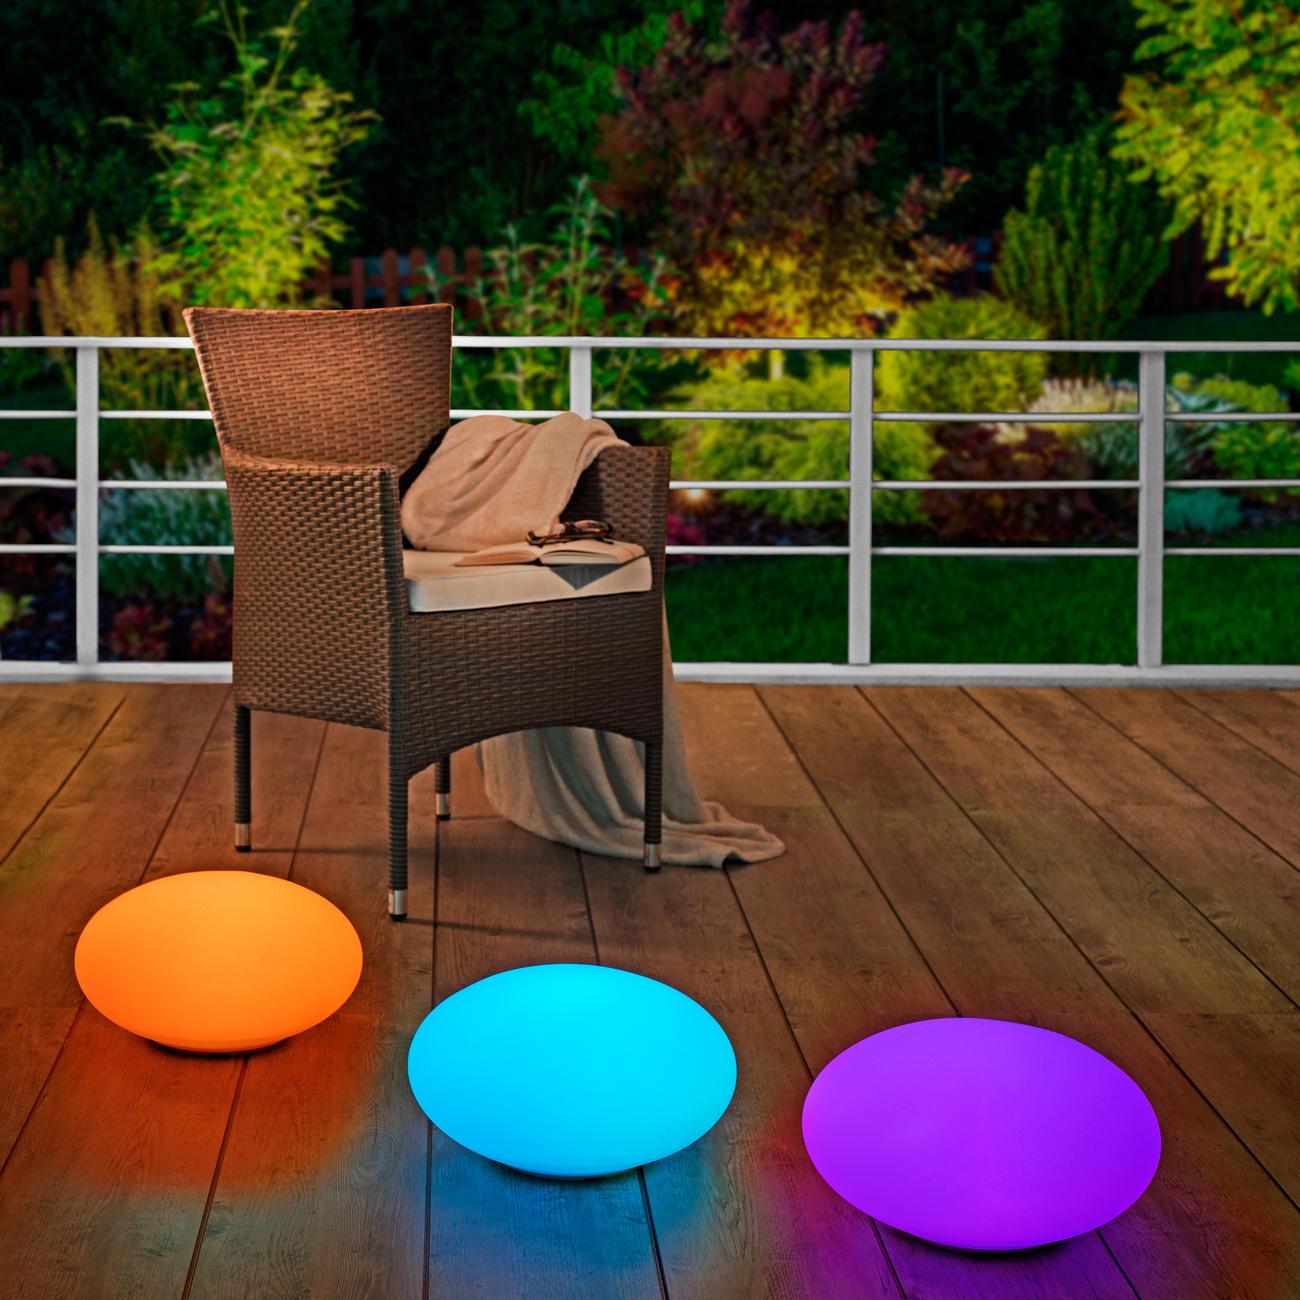 solarlichtsteen 3 jaar productgarantie pro idee. Black Bedroom Furniture Sets. Home Design Ideas